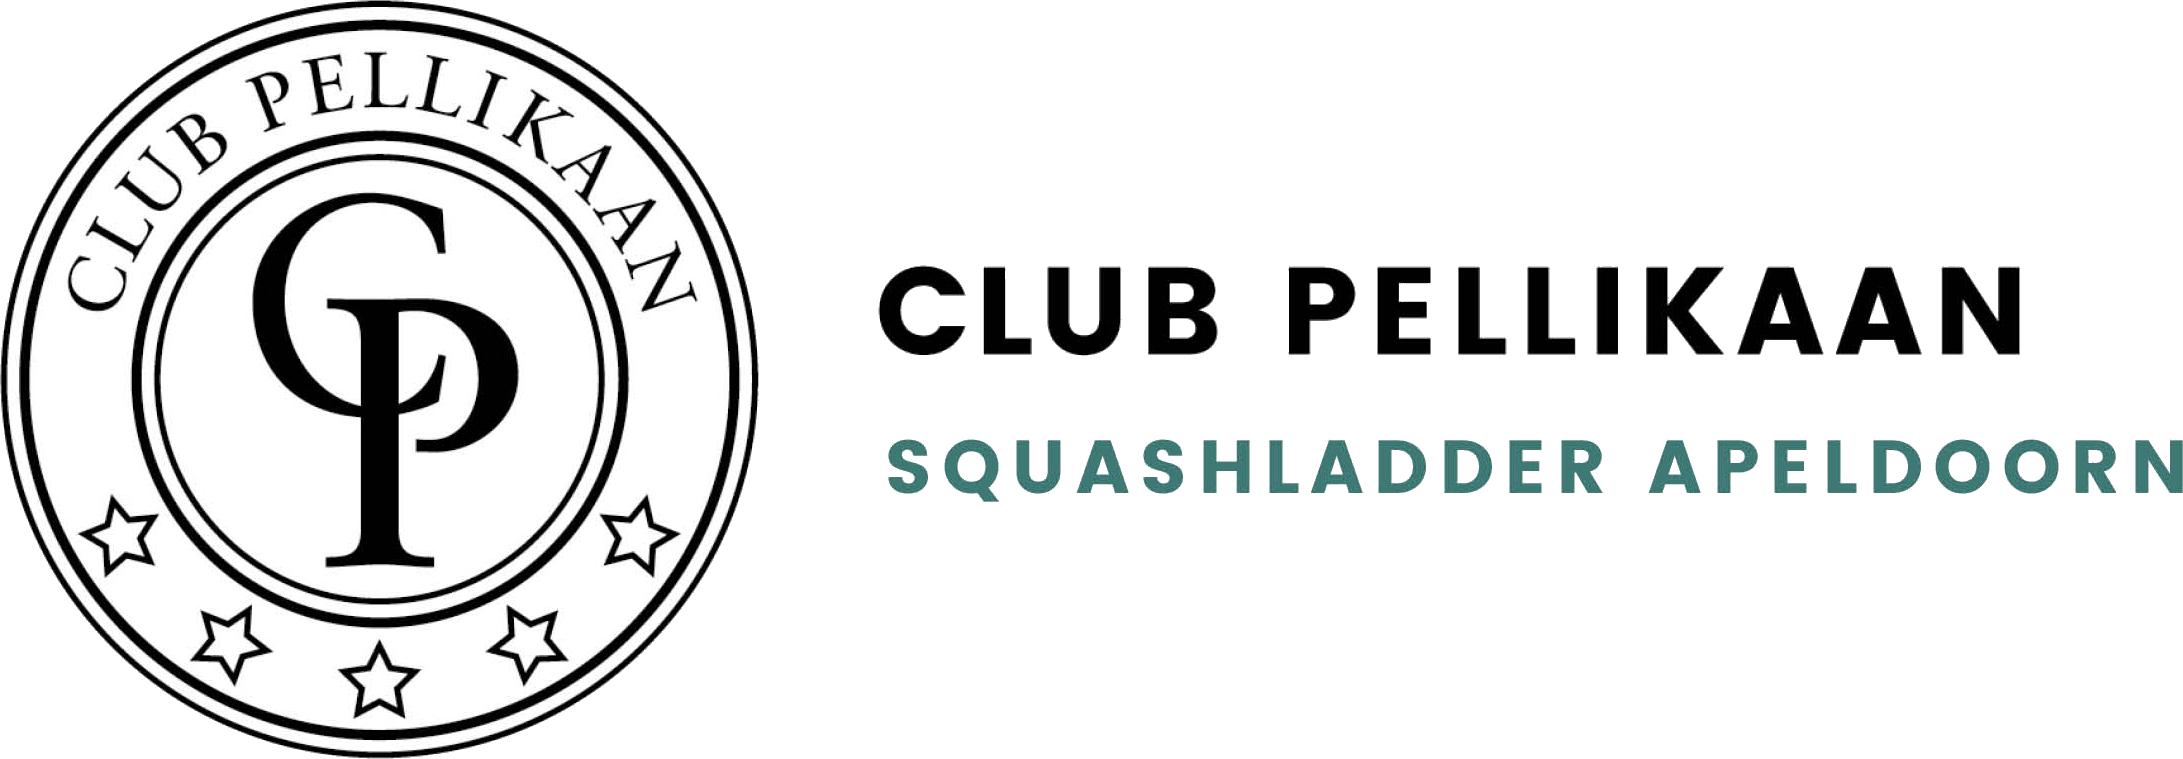 Club Pellikaan Apeldoorn